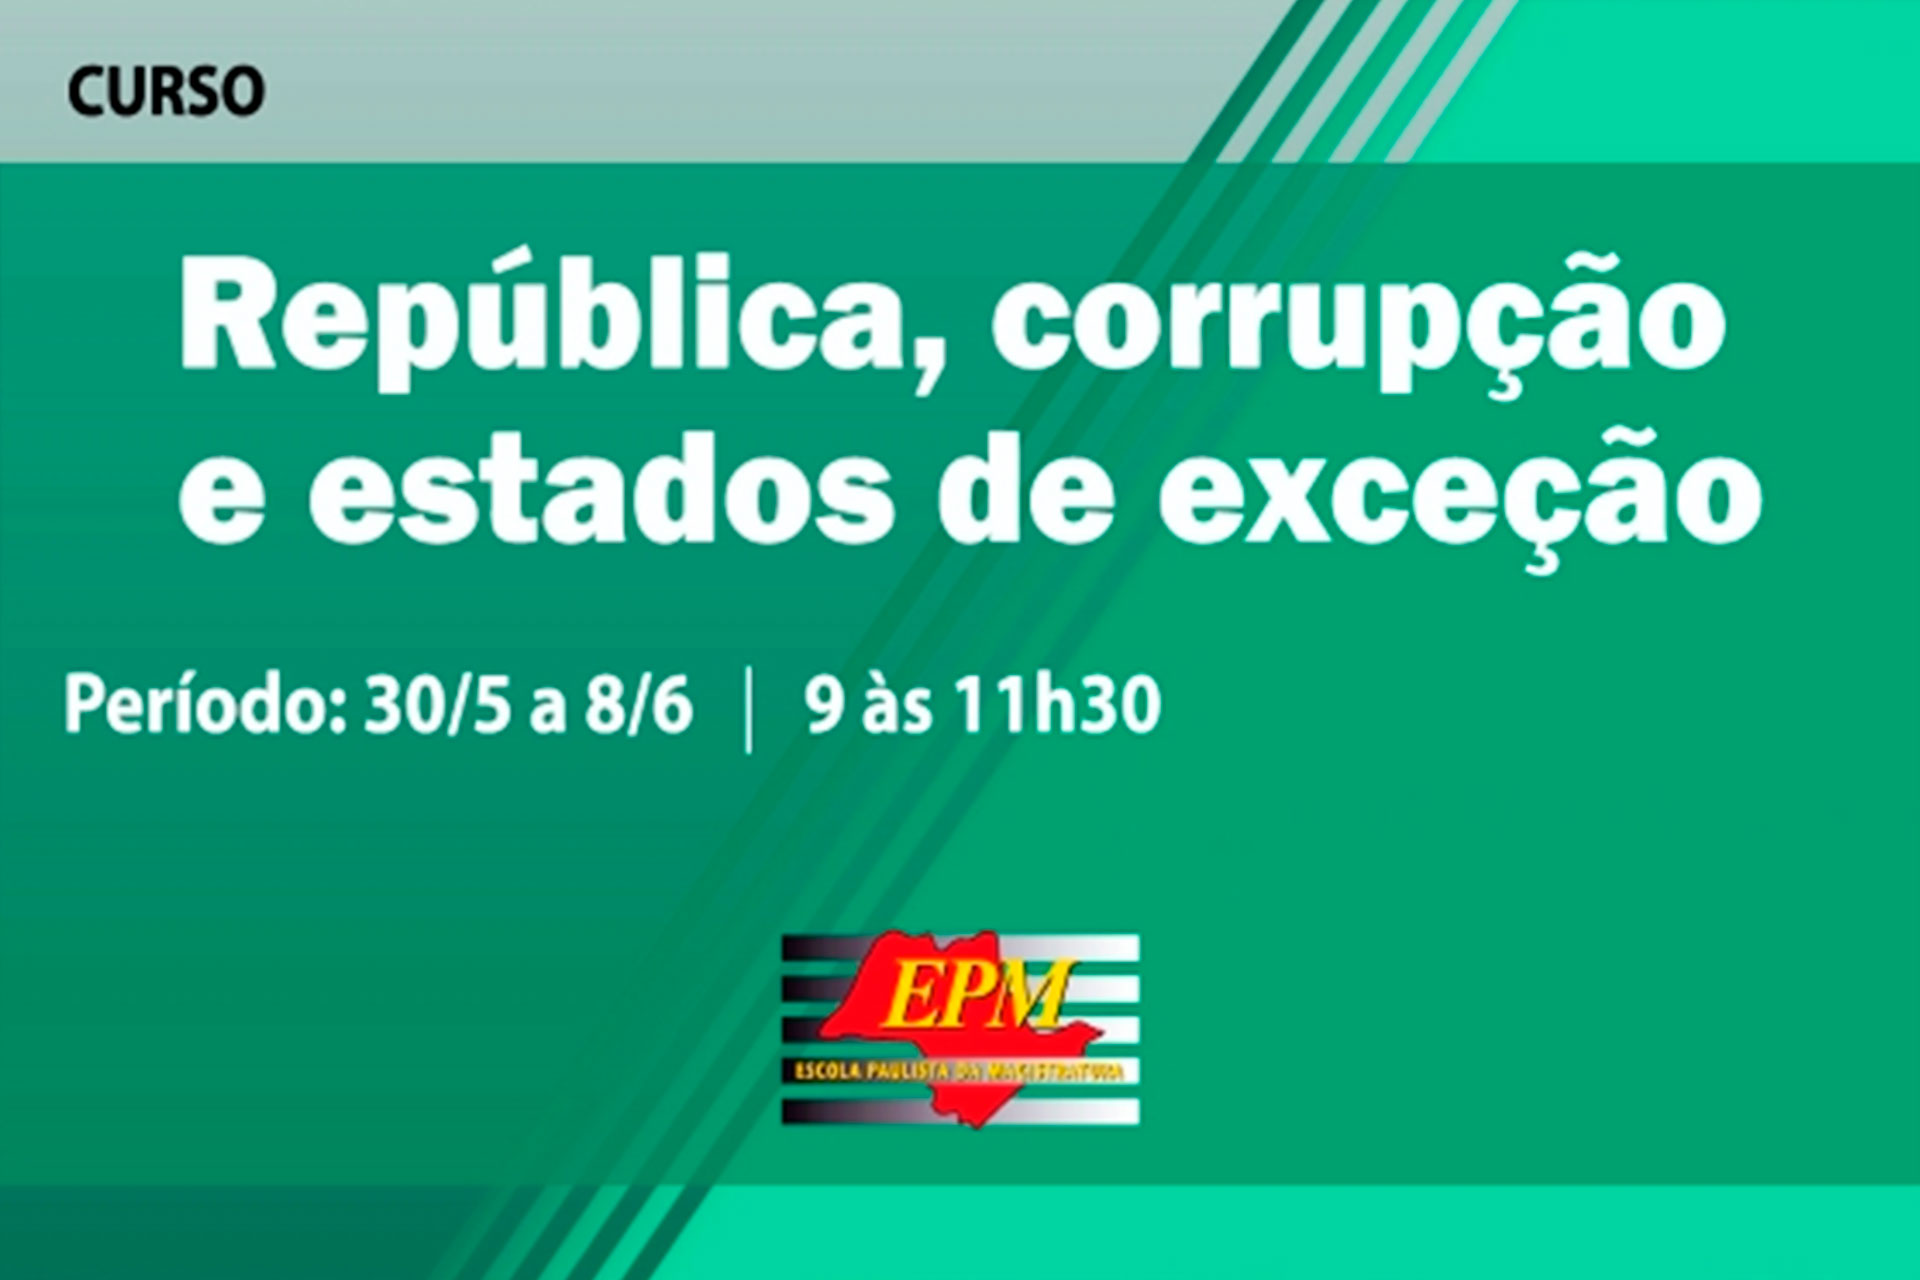 """""""República, corrupção e estados de exceção"""": curso presencial e à distância promovido pela Escola Paulista da Magistratura"""